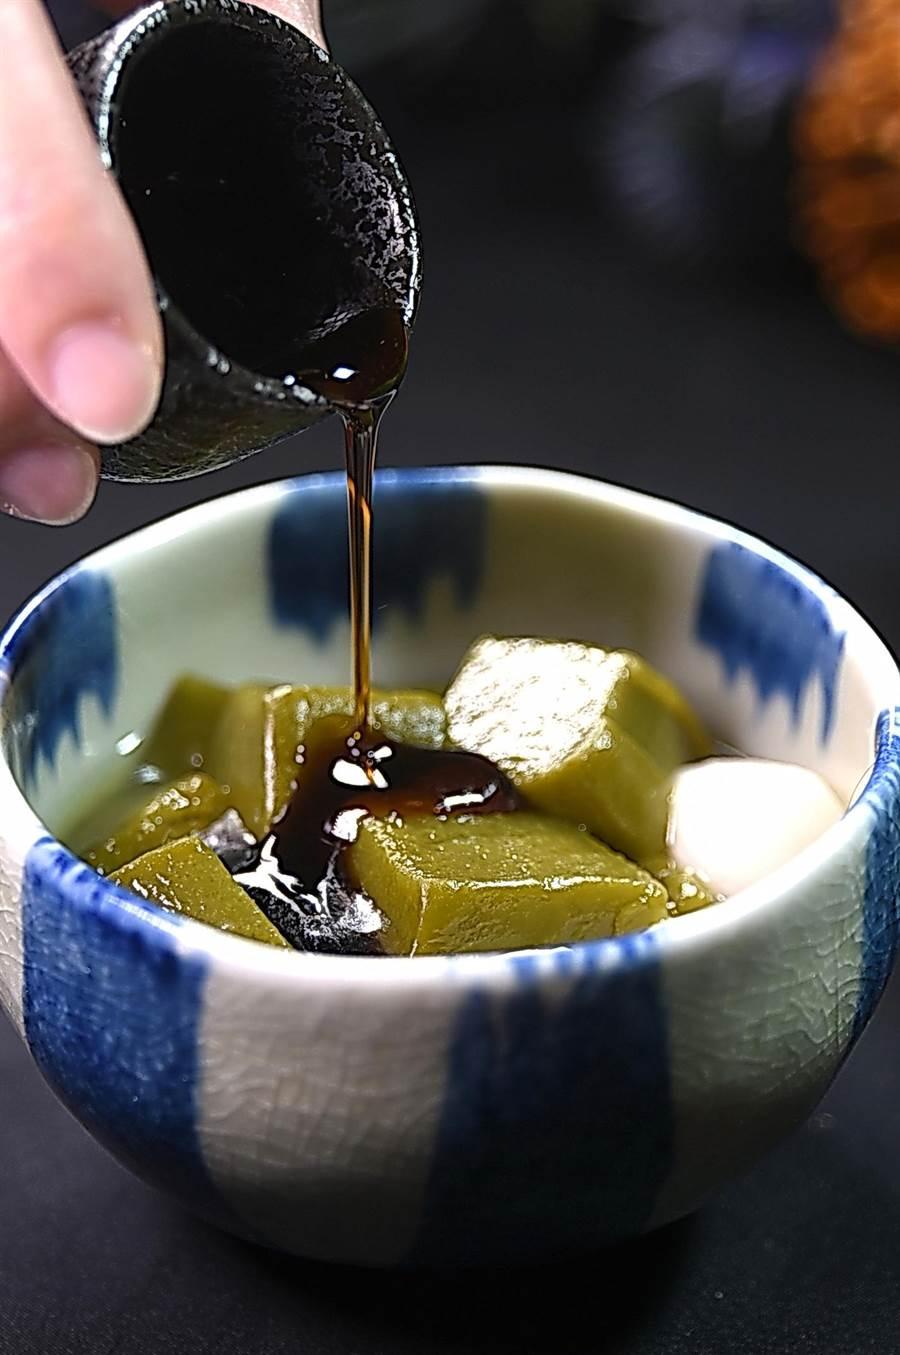 〈京都勝牛〉的甜點〈和風蜜團子〉,以黑糖蜜提味。(圖/姚舜)